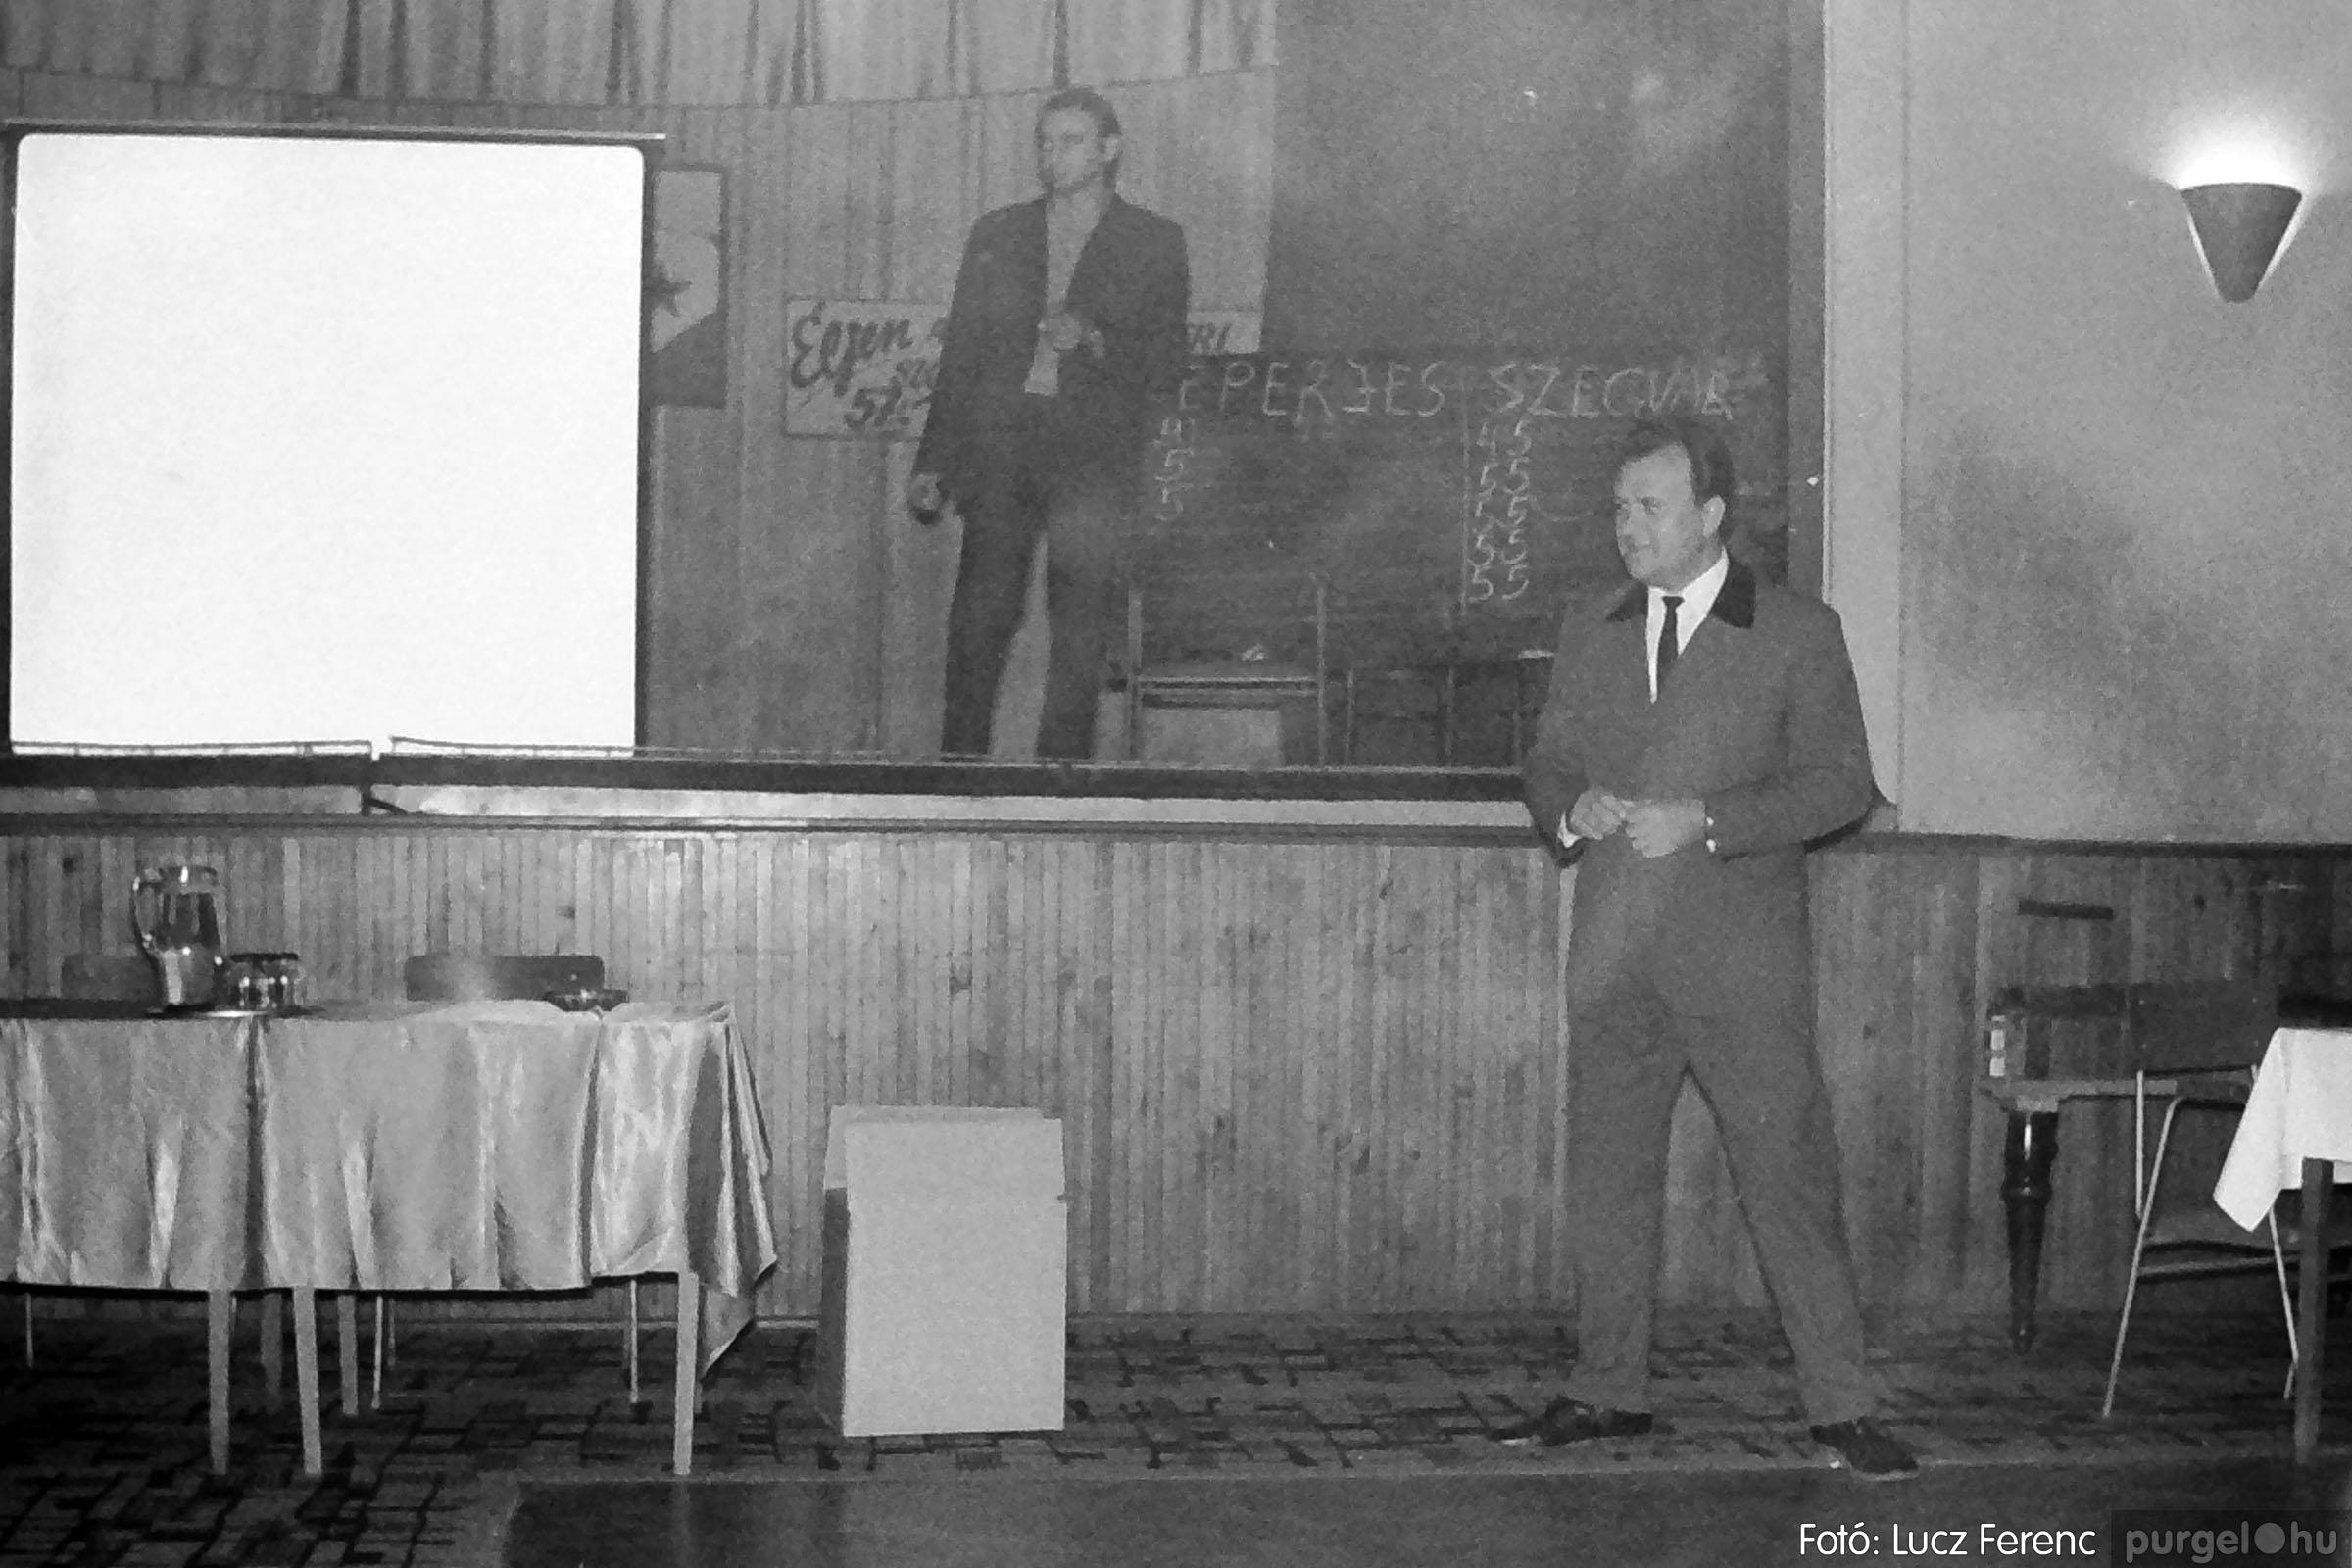 004A 1970-es évek - Kendergyári dolgozók vetélkedője 014 - Fotó: Lucz Ferenc IMG00094q.jpg